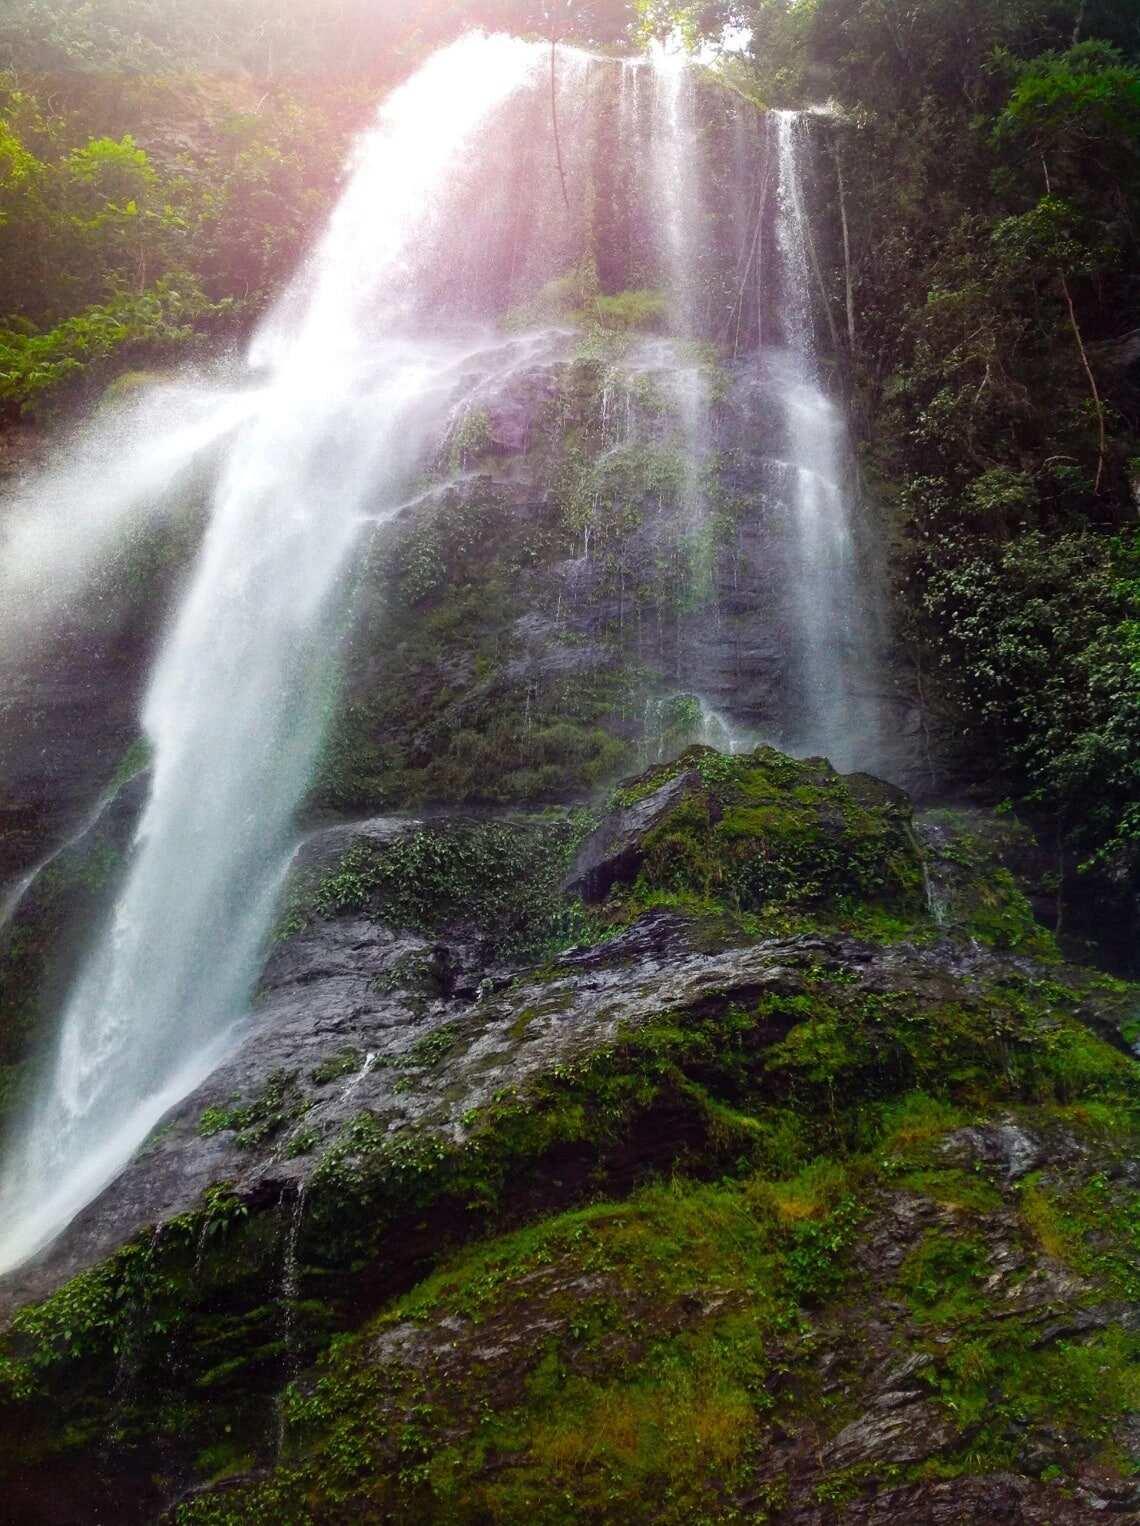 Waterfalls in Ghana Waterfall Pictures of waterfalls in Ghana